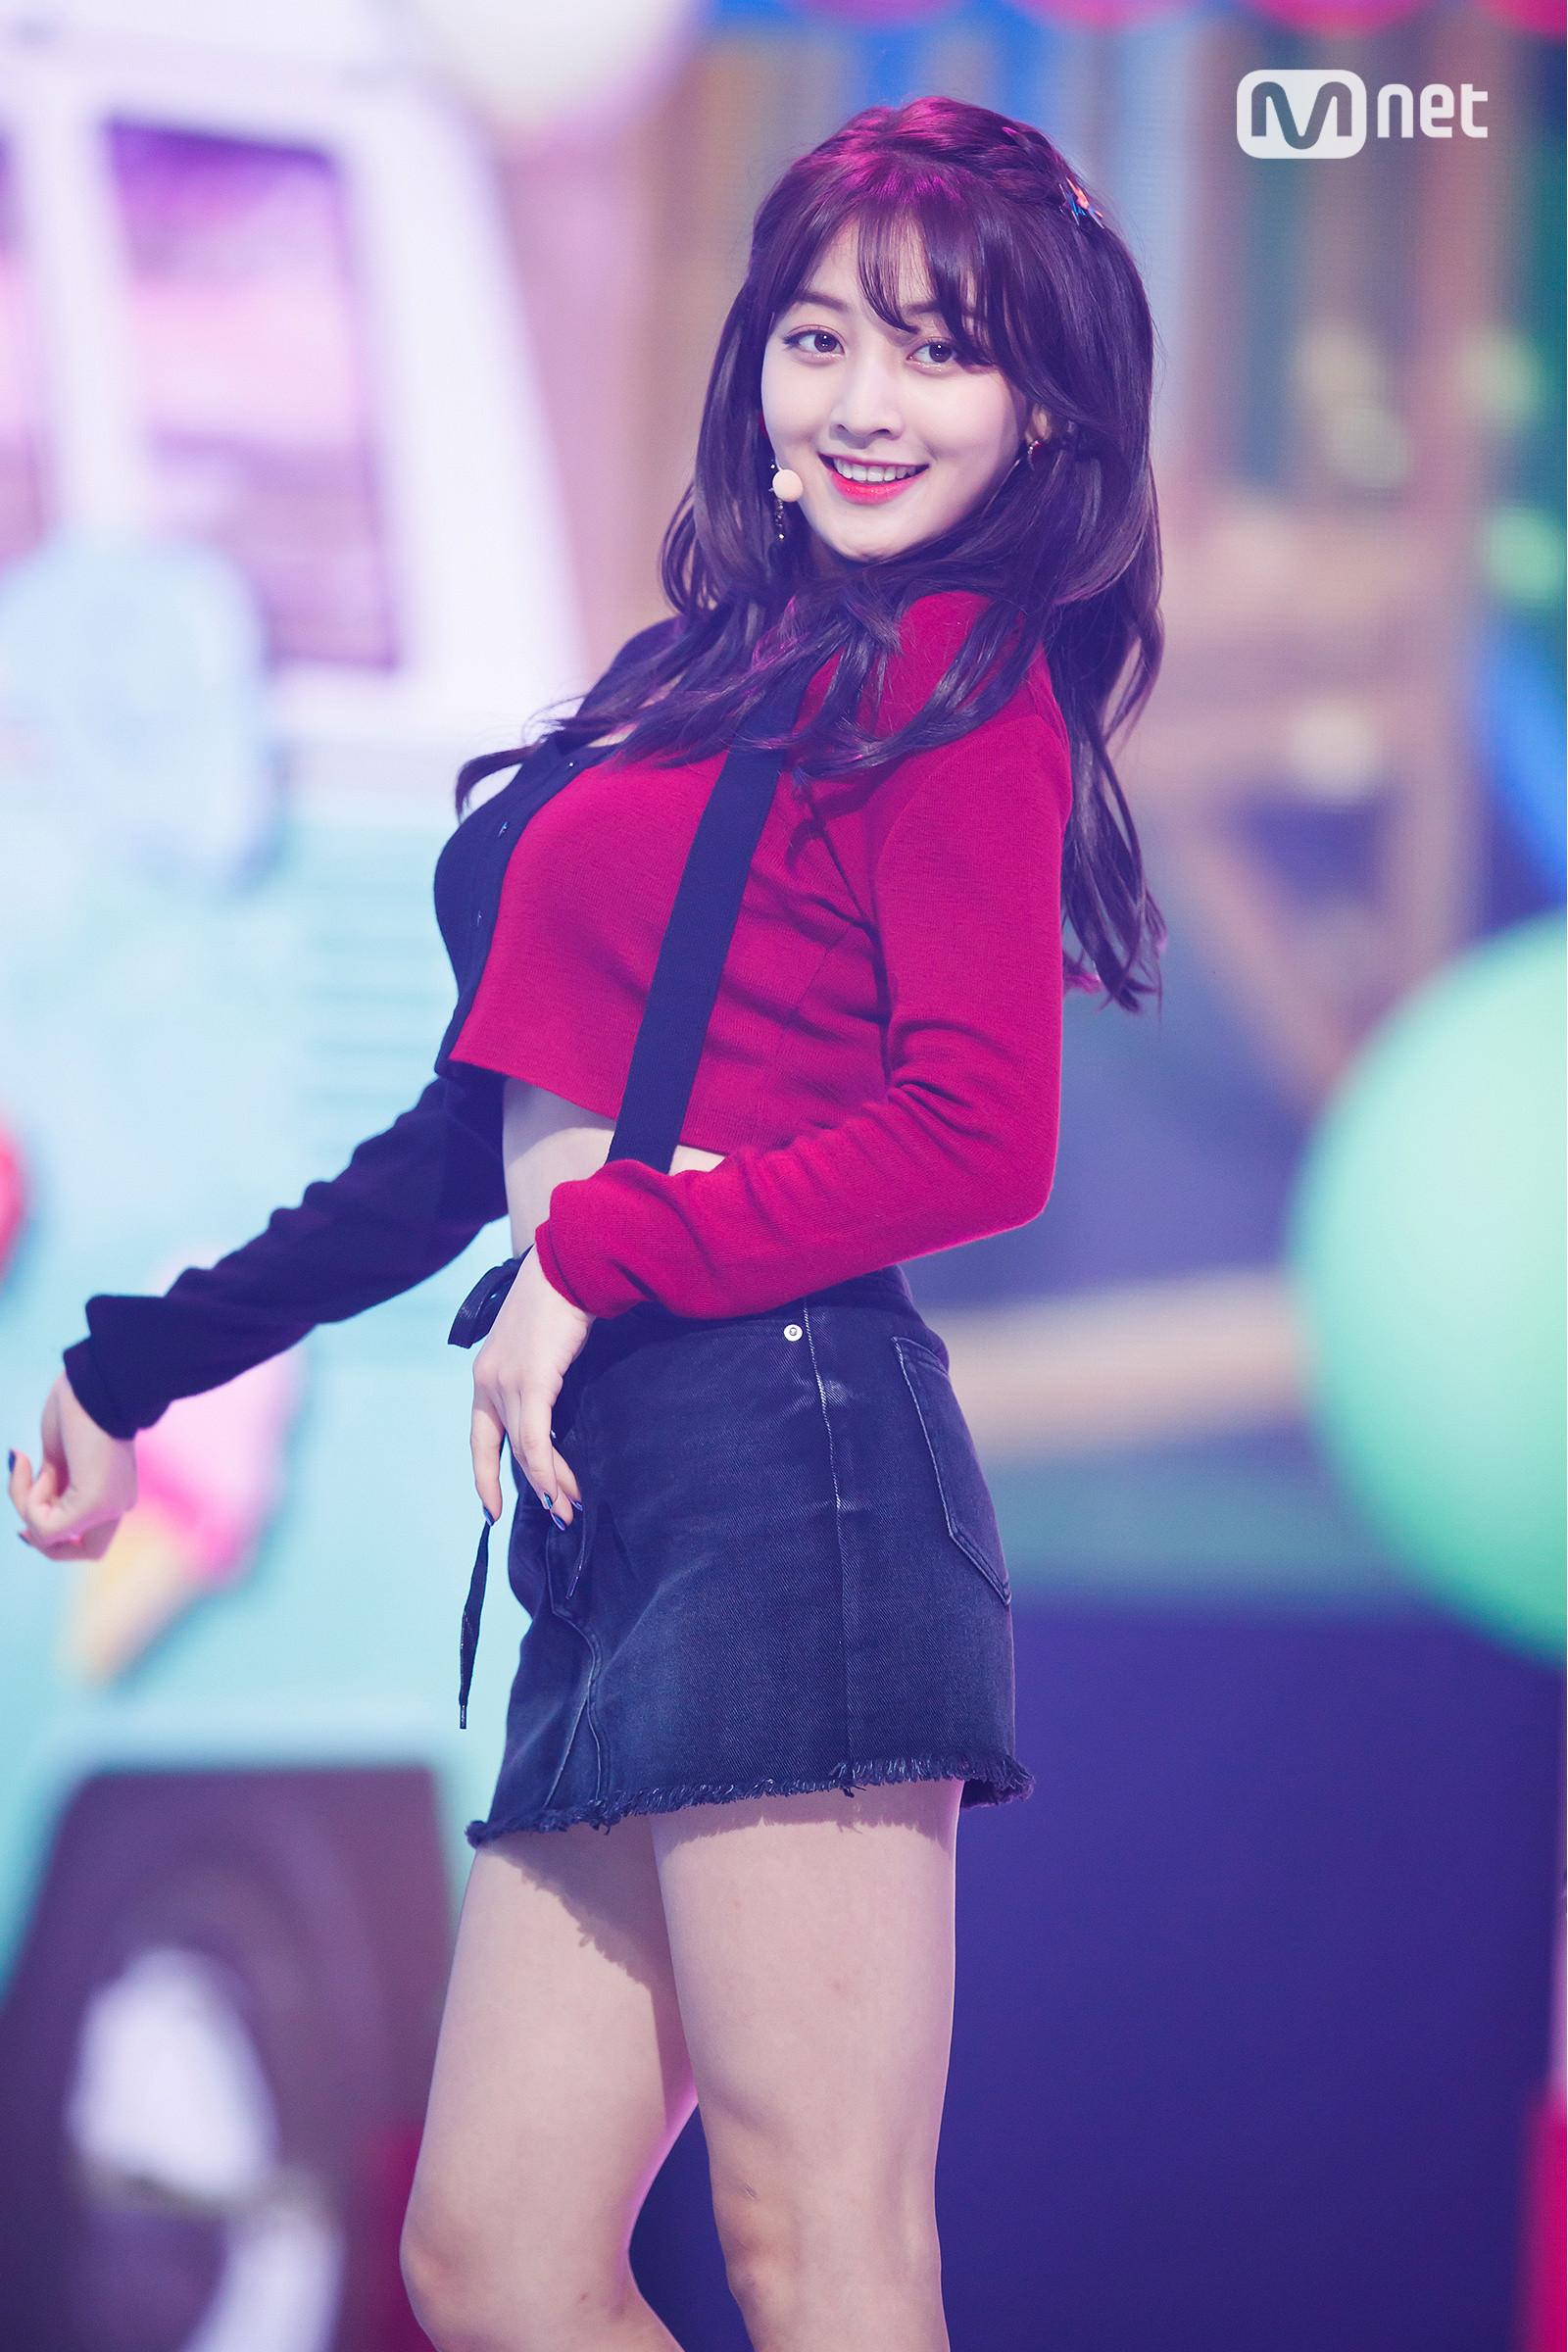 7-Beauty-Standards-For-K-Pop-Idols-Not-Appreciated-By-International-Fans-9